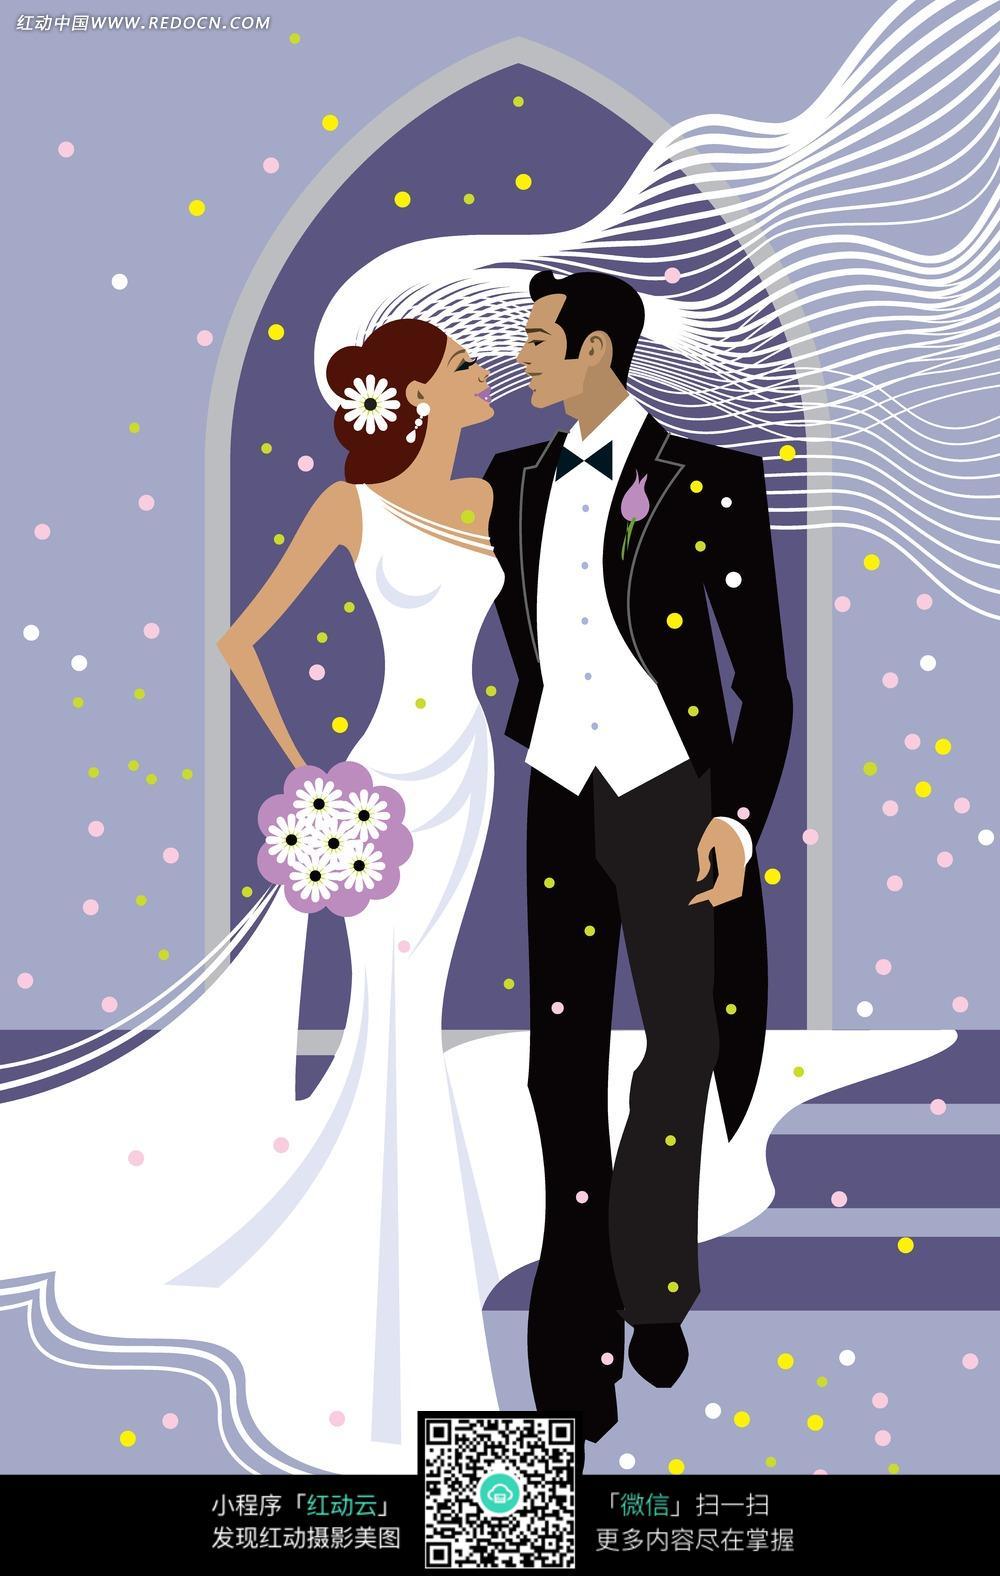 时尚婚礼卡通人物插画图片矢量素材